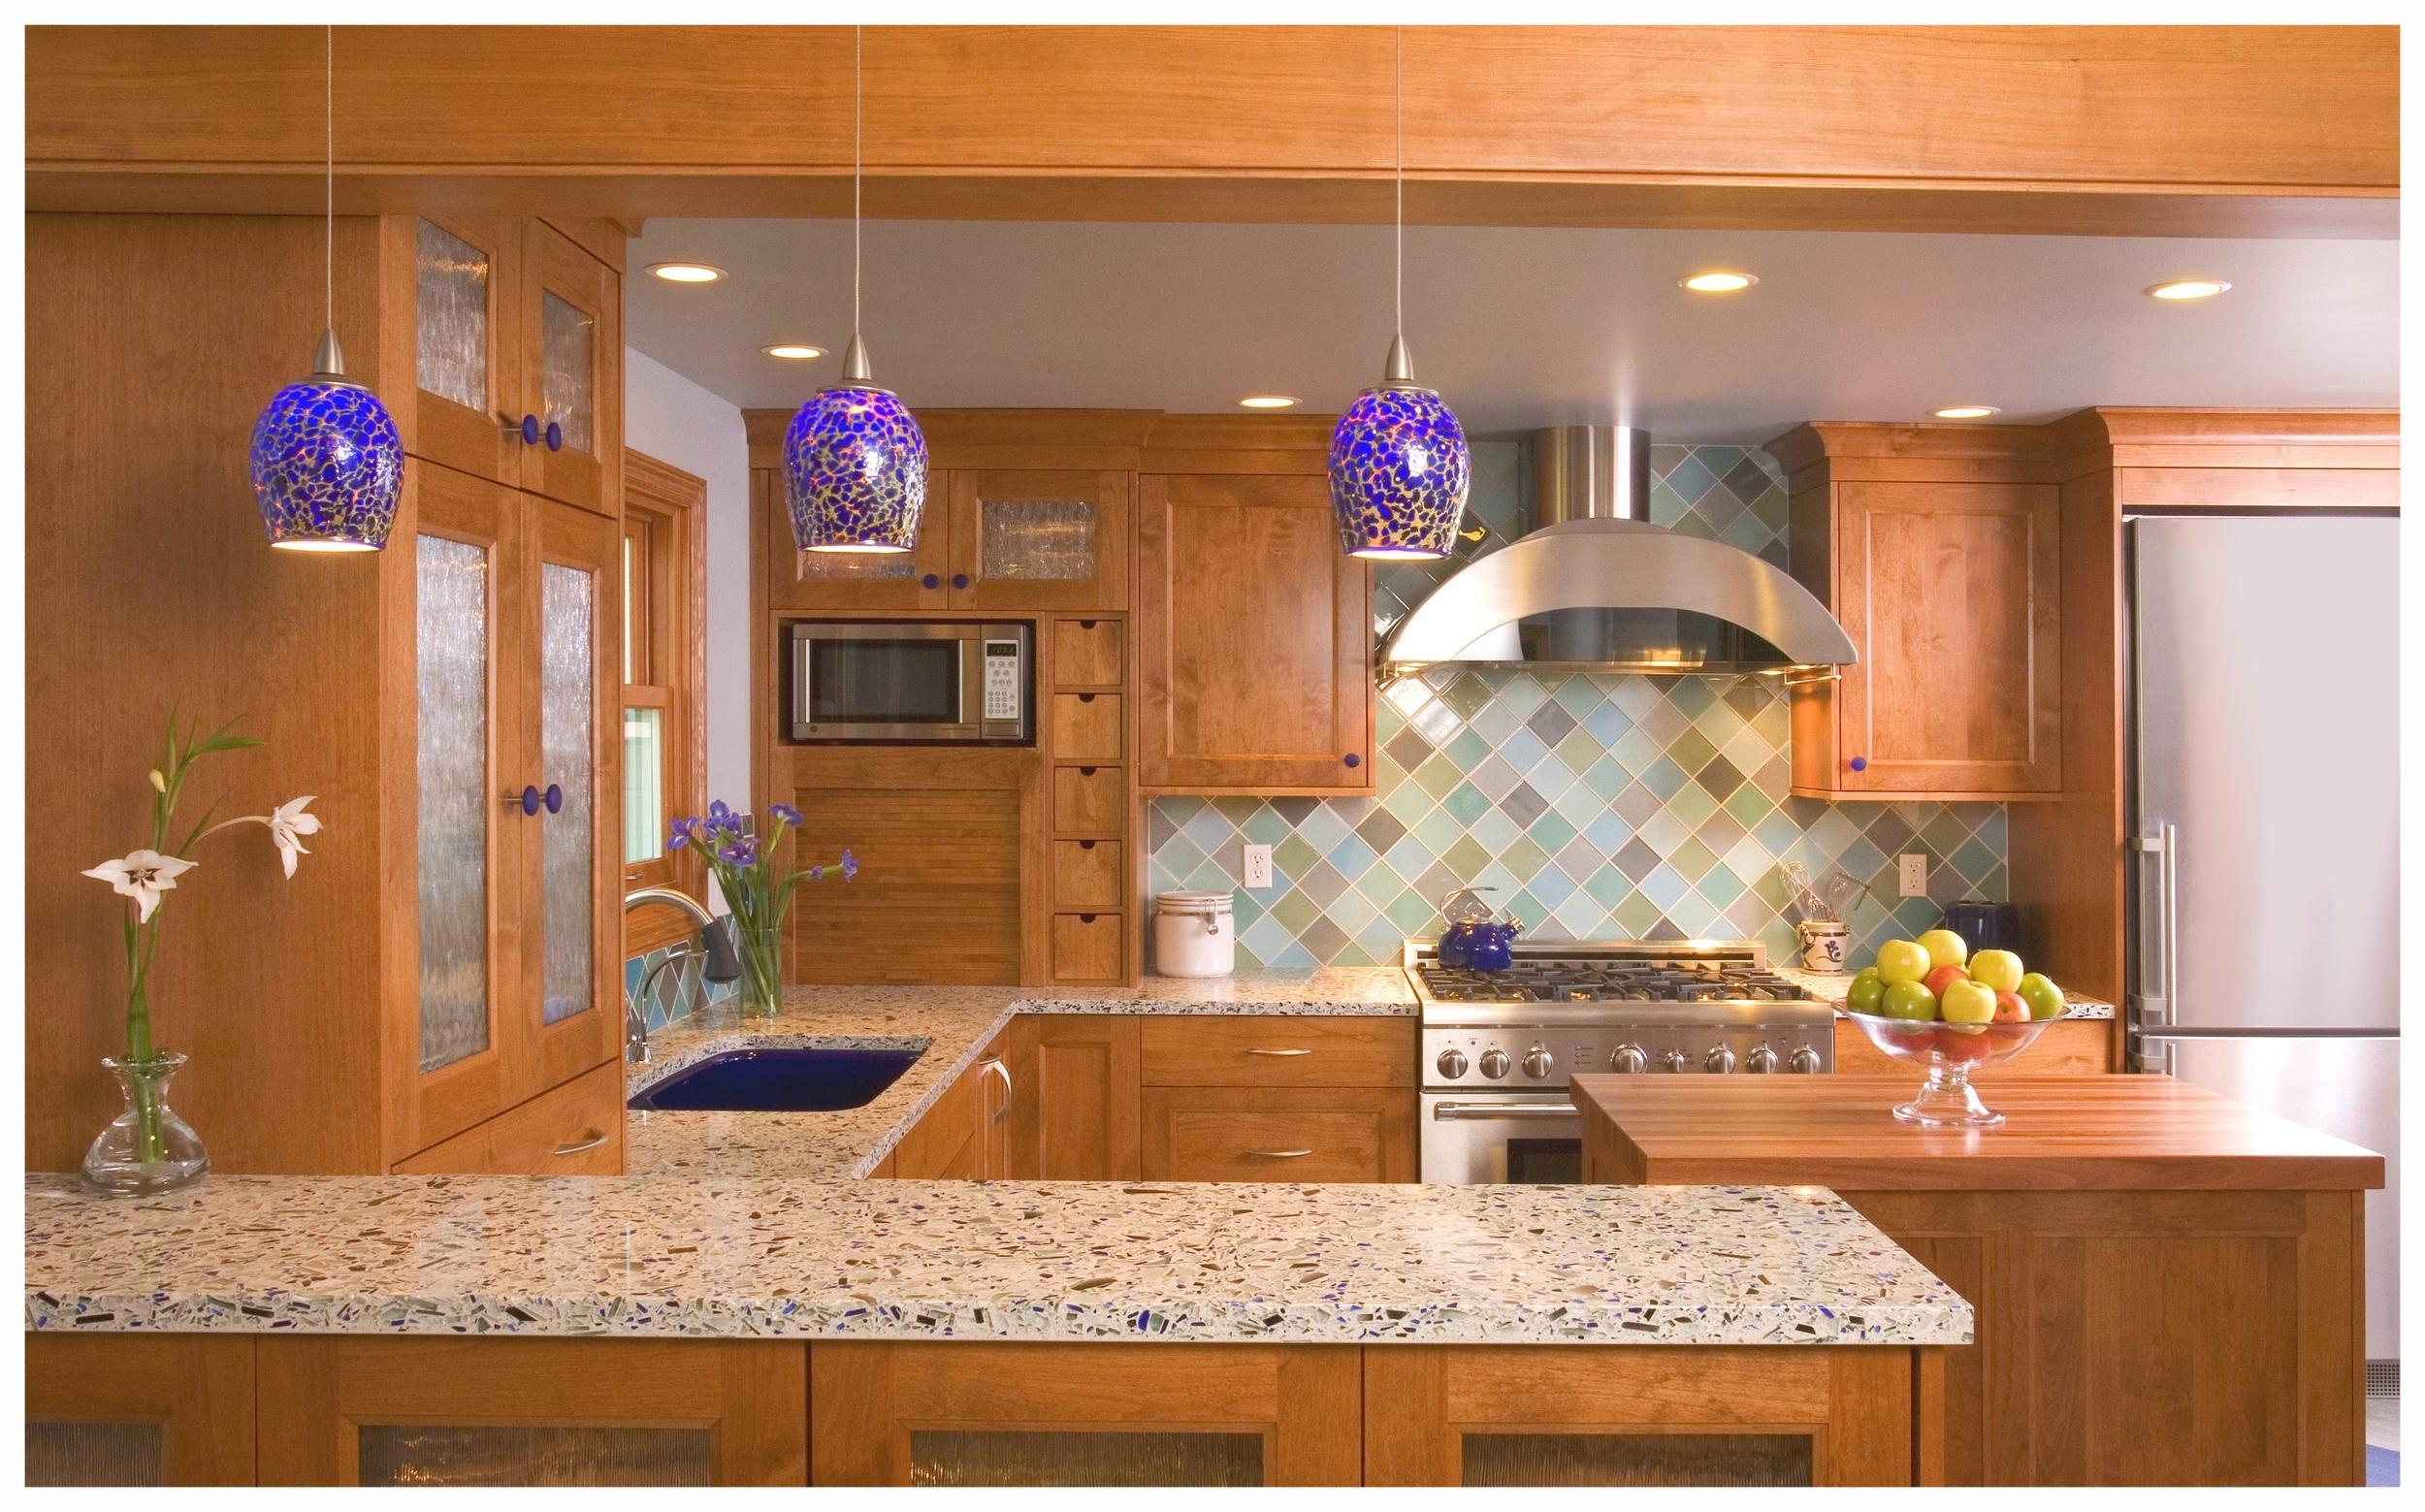 Seattle Sand Point Cottage Kitchen 1.jpg